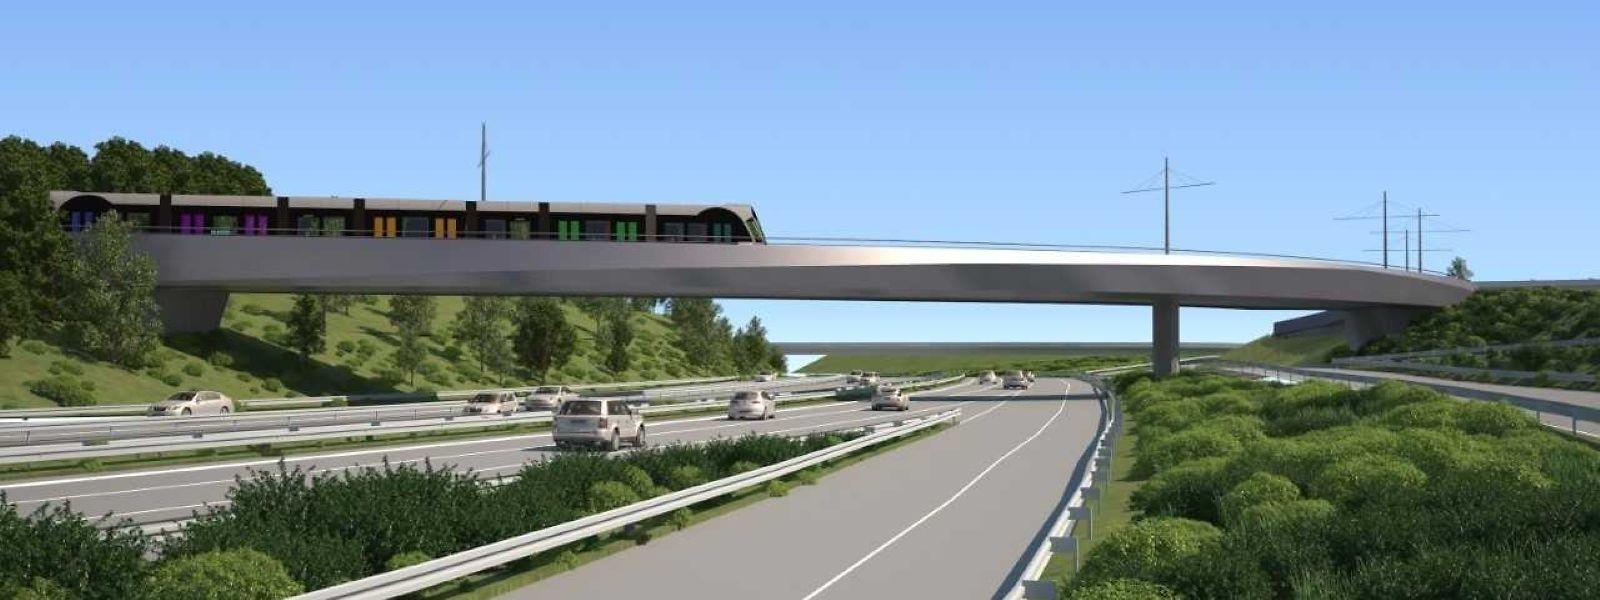 Un des chantiers indispensables pour l'arrivée du tram à l'aéroport national sera la construction de ce pont au-dessus de l'A1.